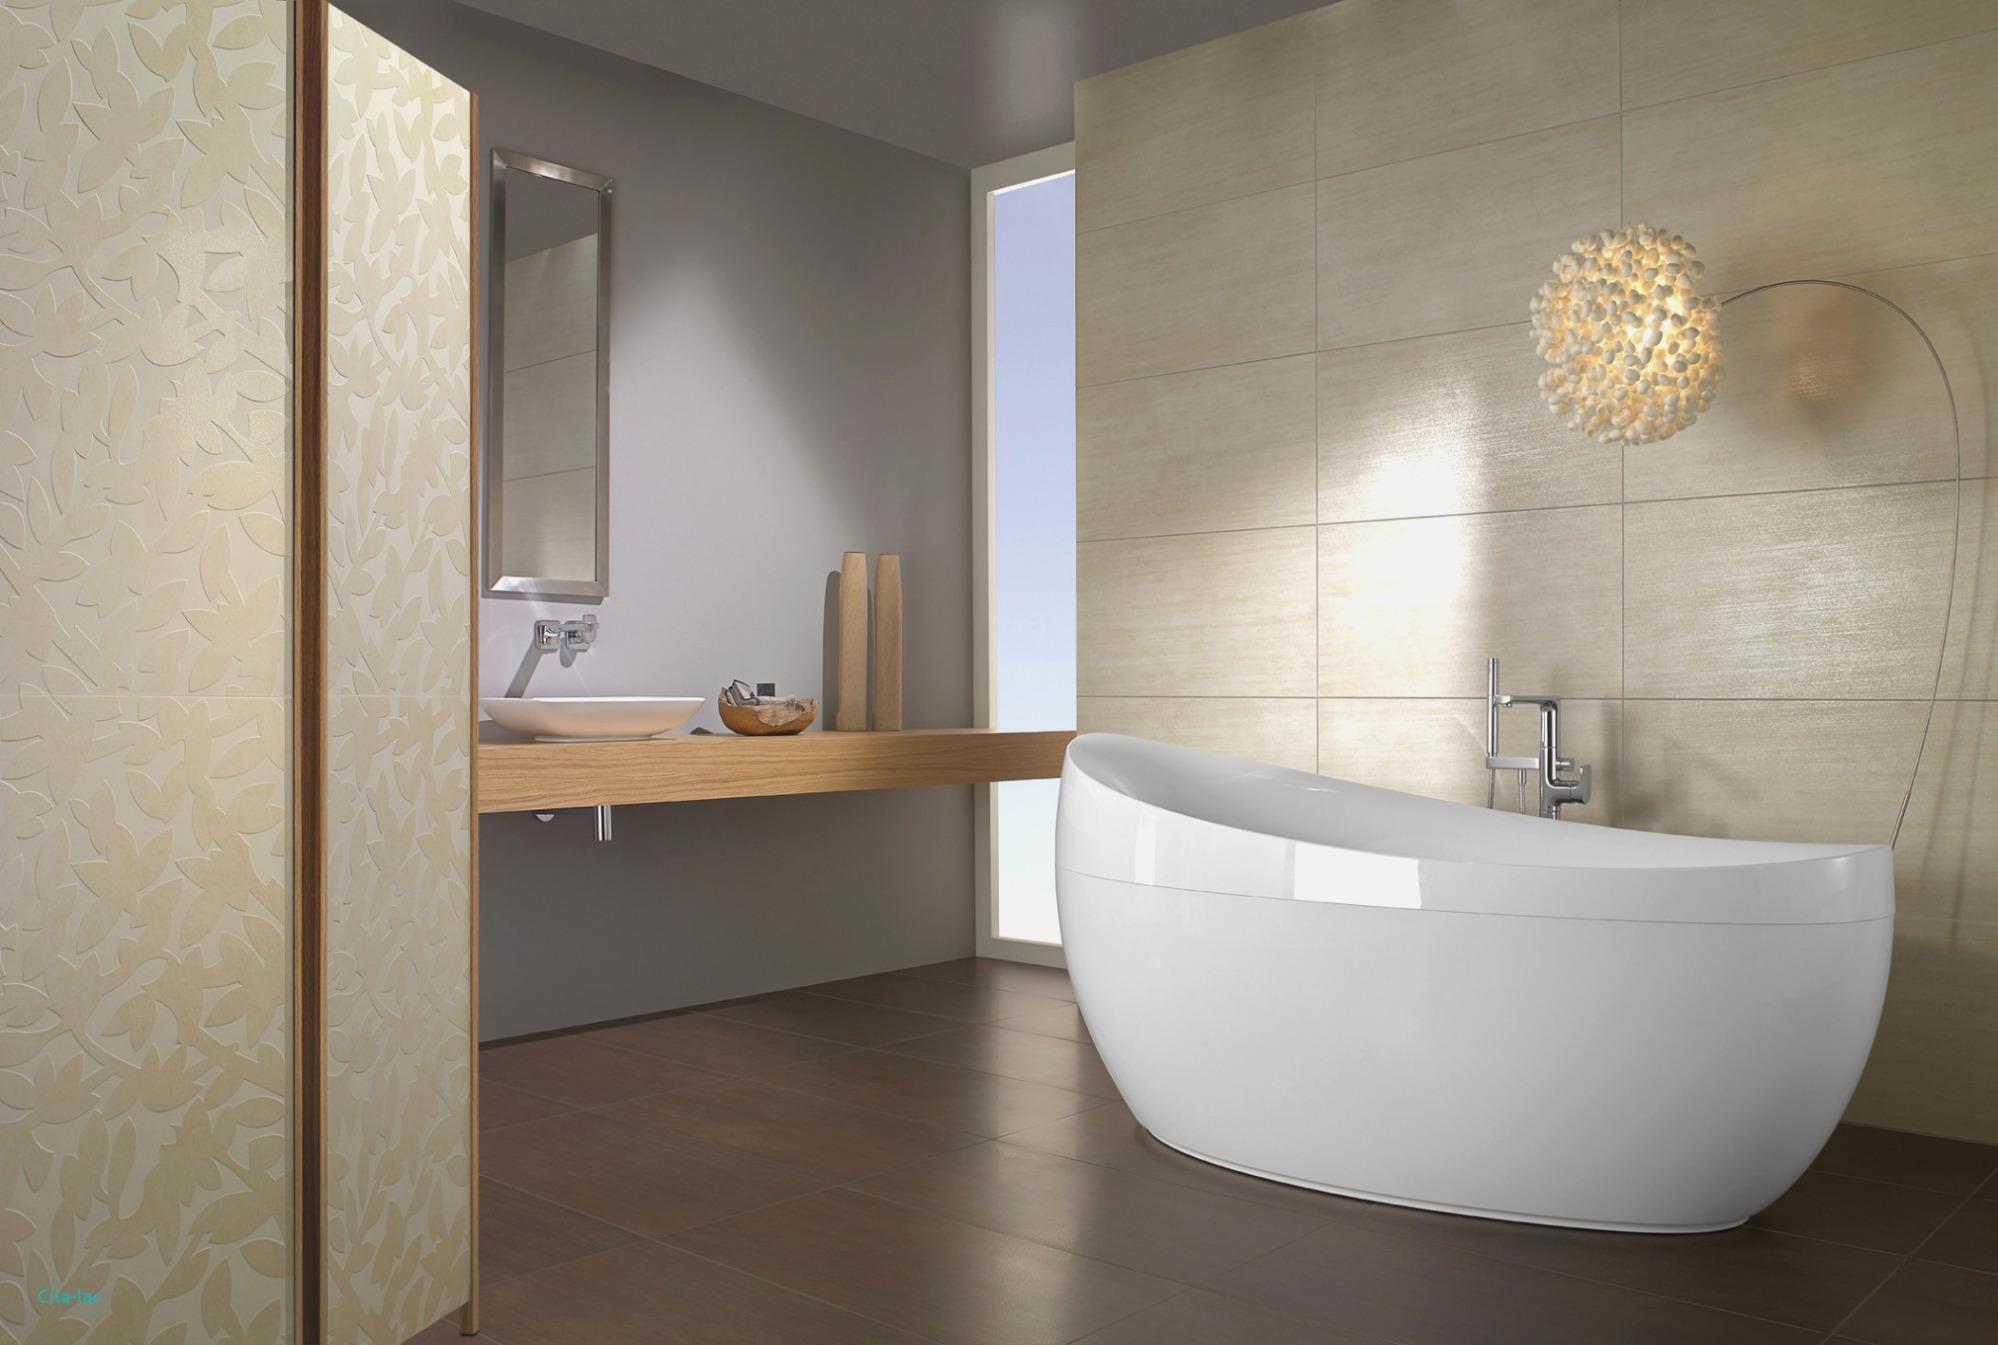 Full Size of Badezimmer Abdichten Fliesenspiegel Küche Glas Selber Machen Wohnzimmer Fliesenspiegel Verkleiden